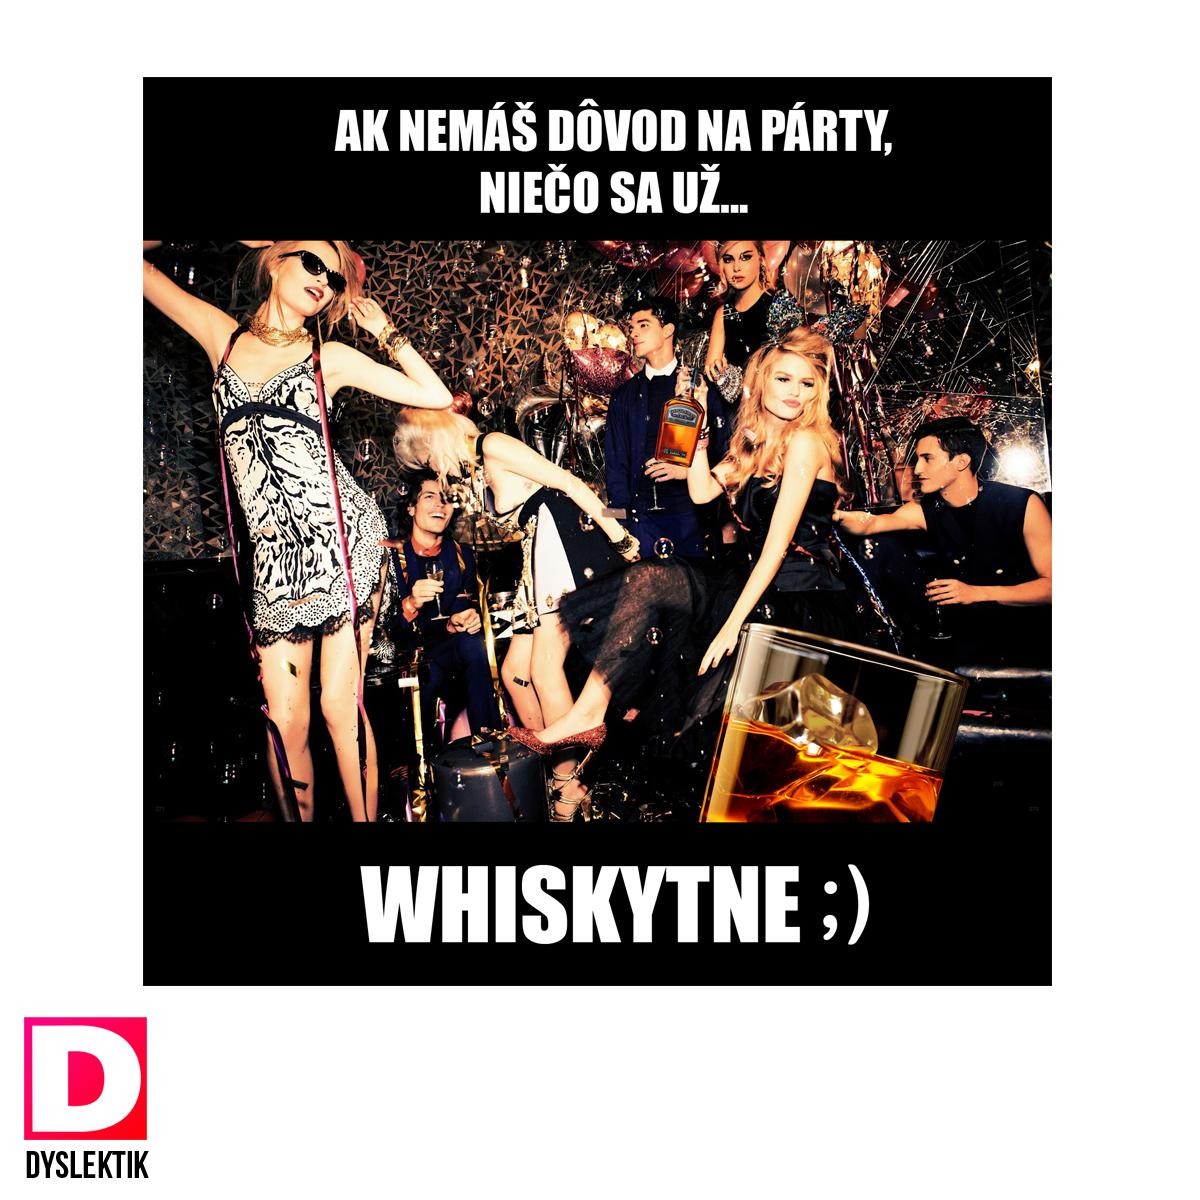 whiskytne